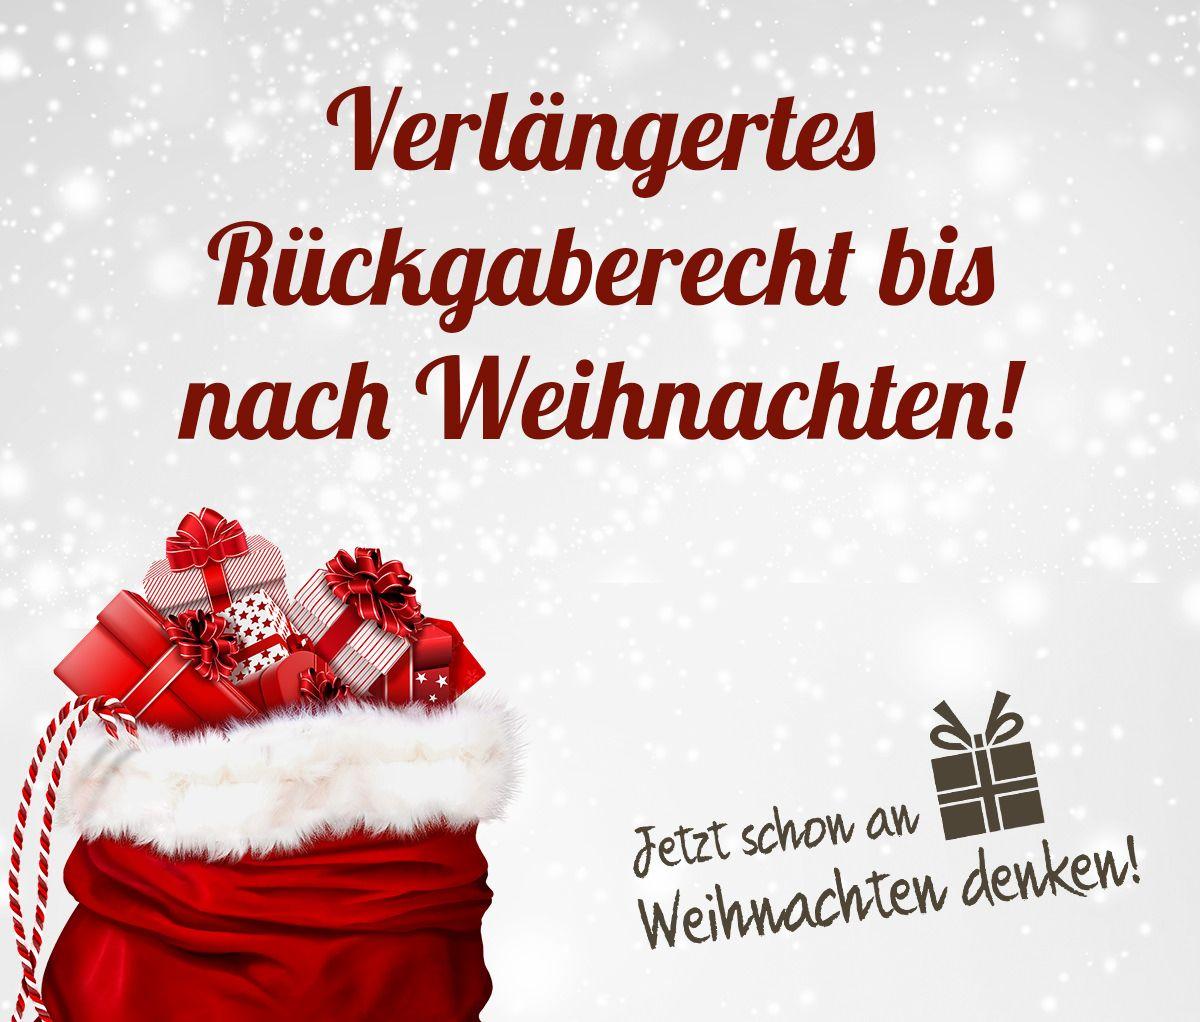 Jetzt schon an Weihnachten denken und Stressfrei Geschenke shoppen ...